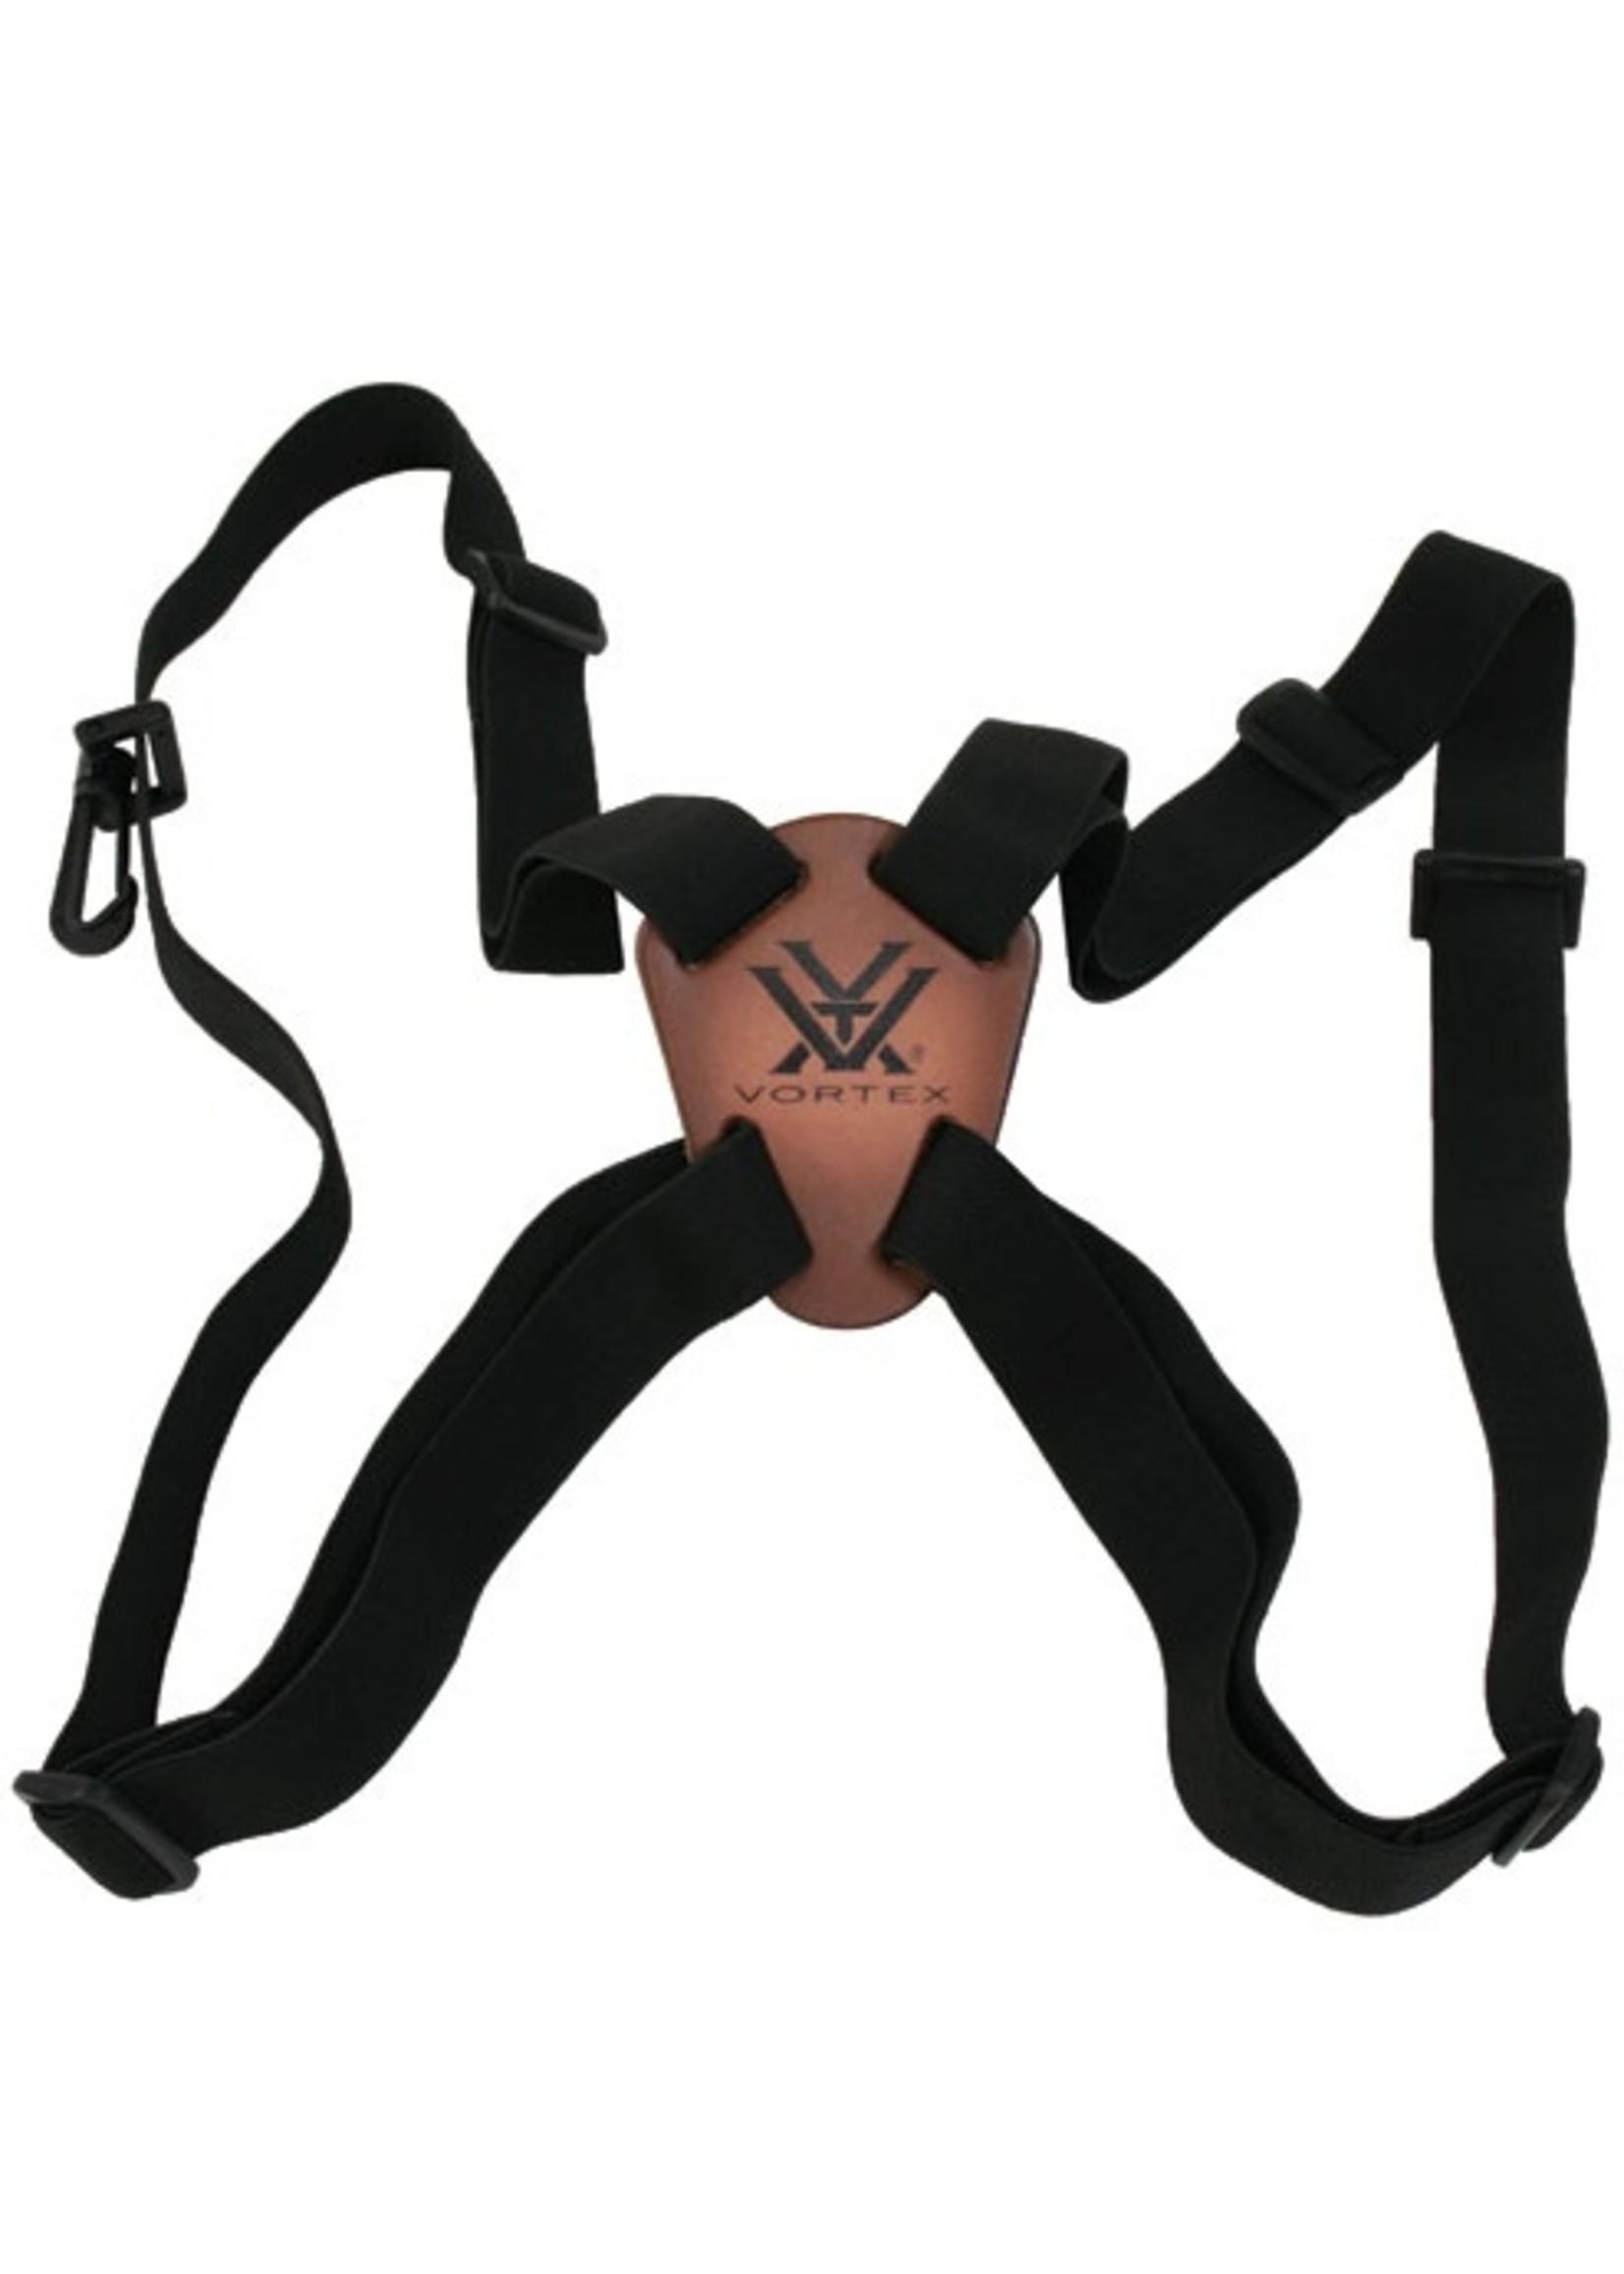 Vortex Optix Vortex Bino Harness